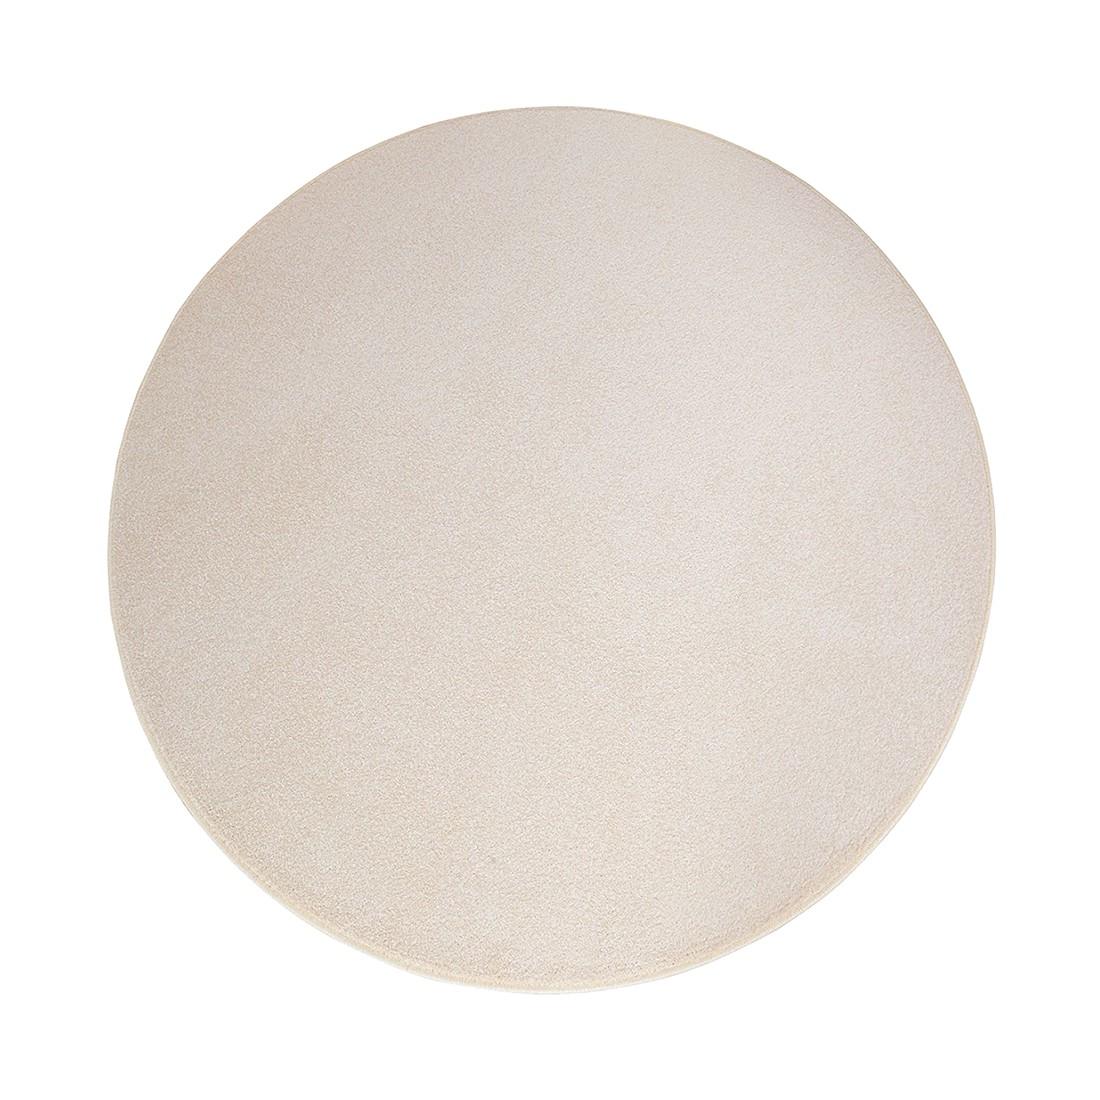 Teppich Burbon – Creme – Durchmesser: 180 cm, Testil bestellen